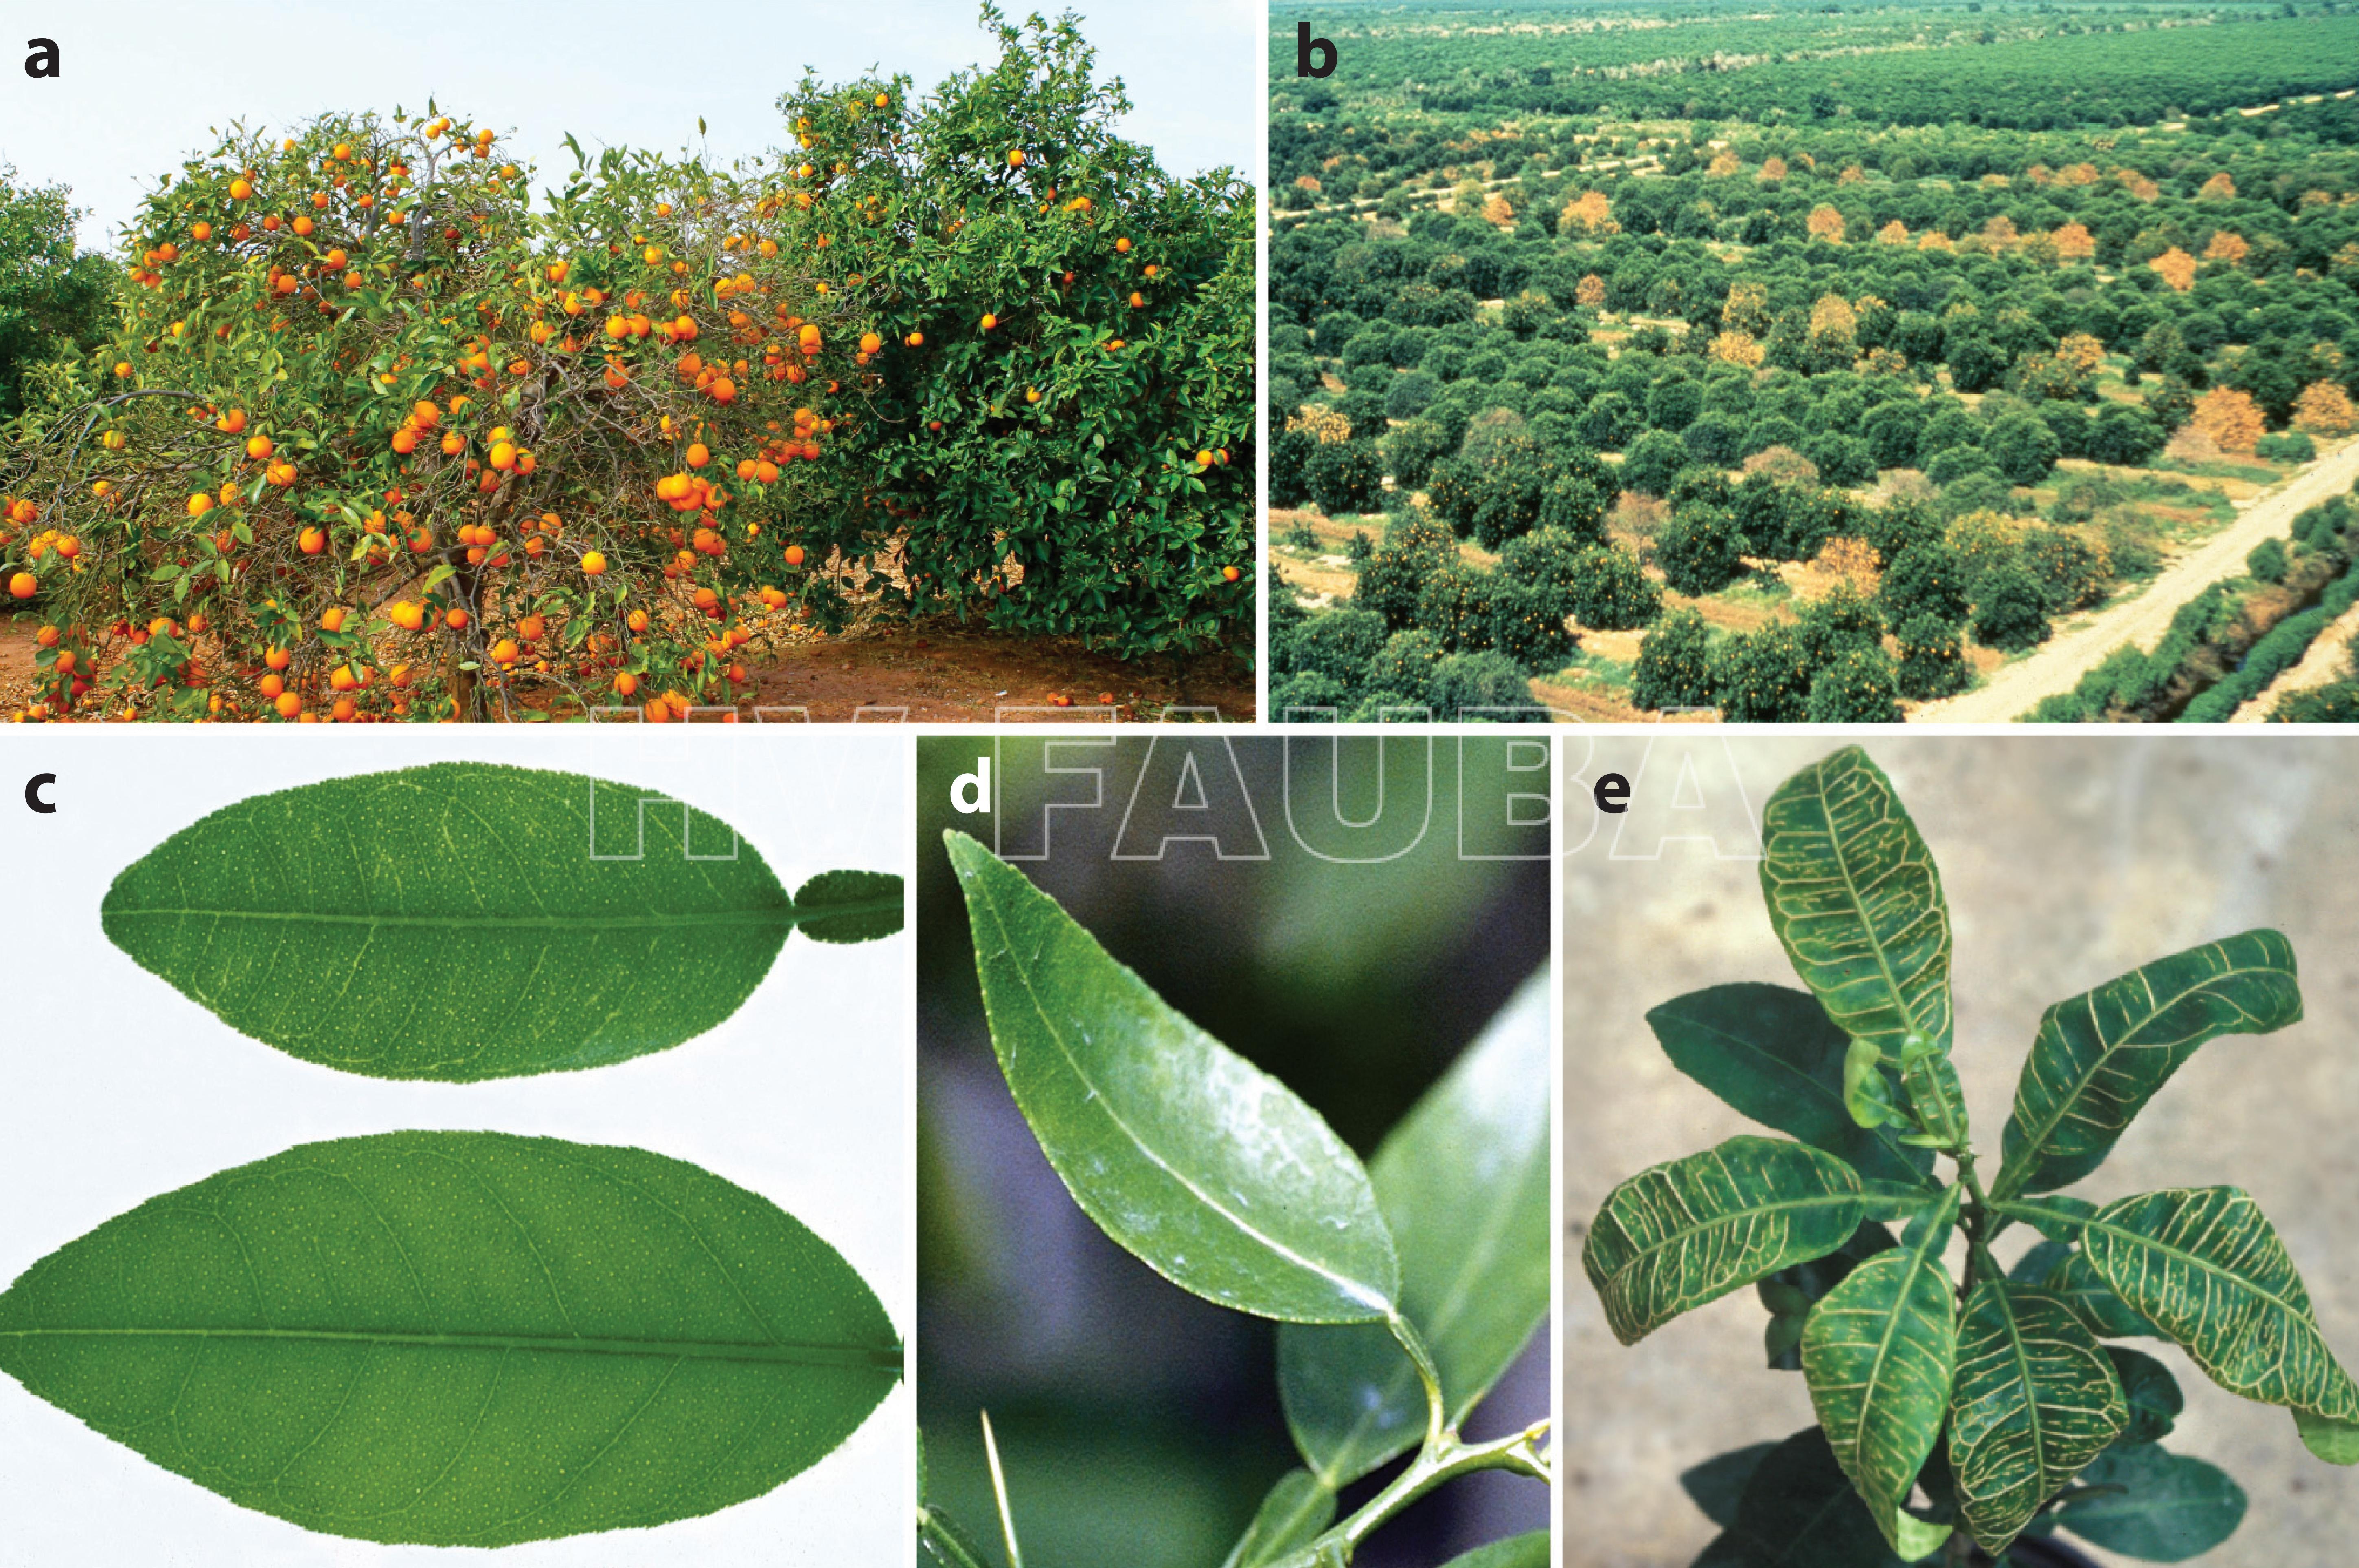 Síntomas de la enfermedad causados por el virus Citrus tristeza (CTV). (a) Un árbol que exhibe decaimiento. (b) Un campo con árboles en decaimiento. (c) Aclaramiento de nervaduras en la hoja superior. (d) Ahuecamiento de hojas. (e) Taponamiento de venas. Fuente: Dawson et al. (2015)